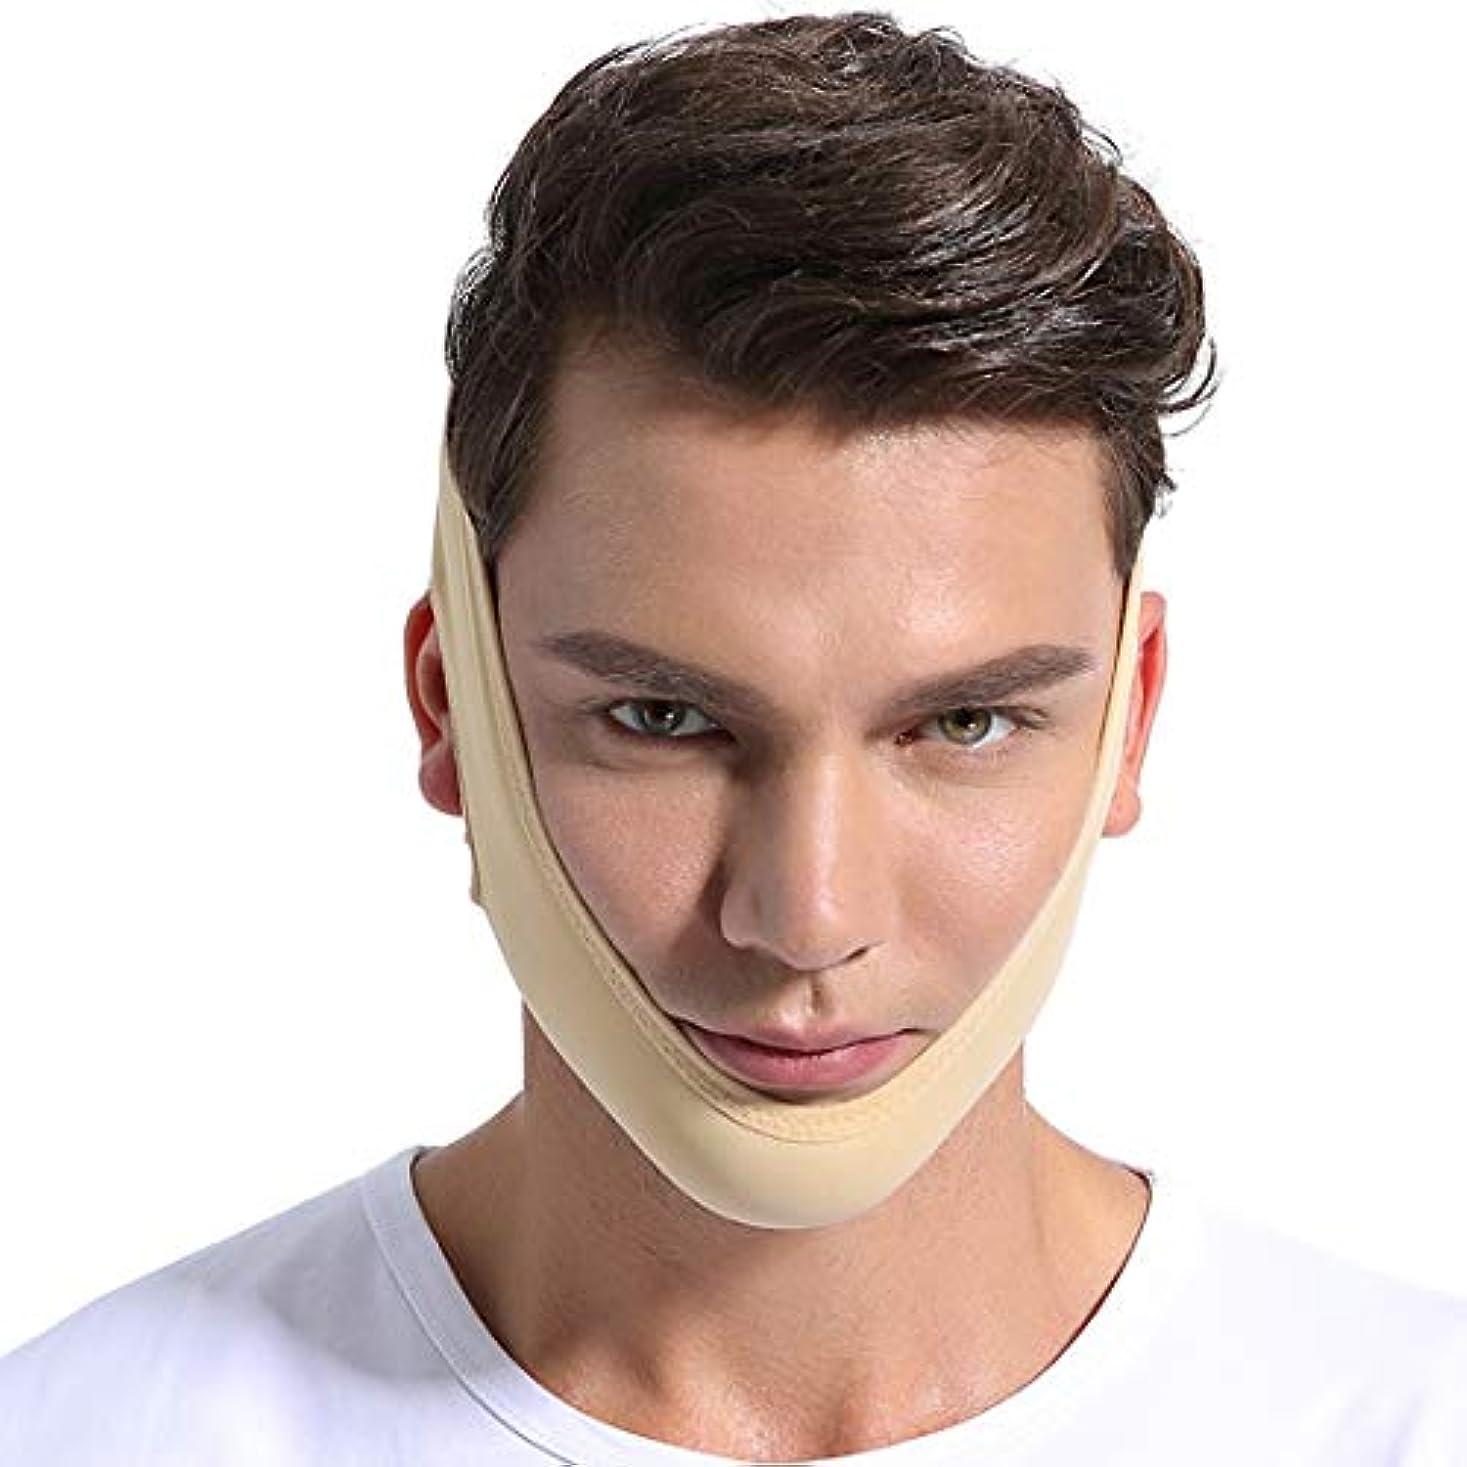 ダッシュカテゴリー息切れZWBD フェイスマスク, 薄い顔包帯医療フェイスライン彫刻術後回復リフティングマスク男性の女性の顔包帯ヘッドギアv顔薄い顔アーティファクト